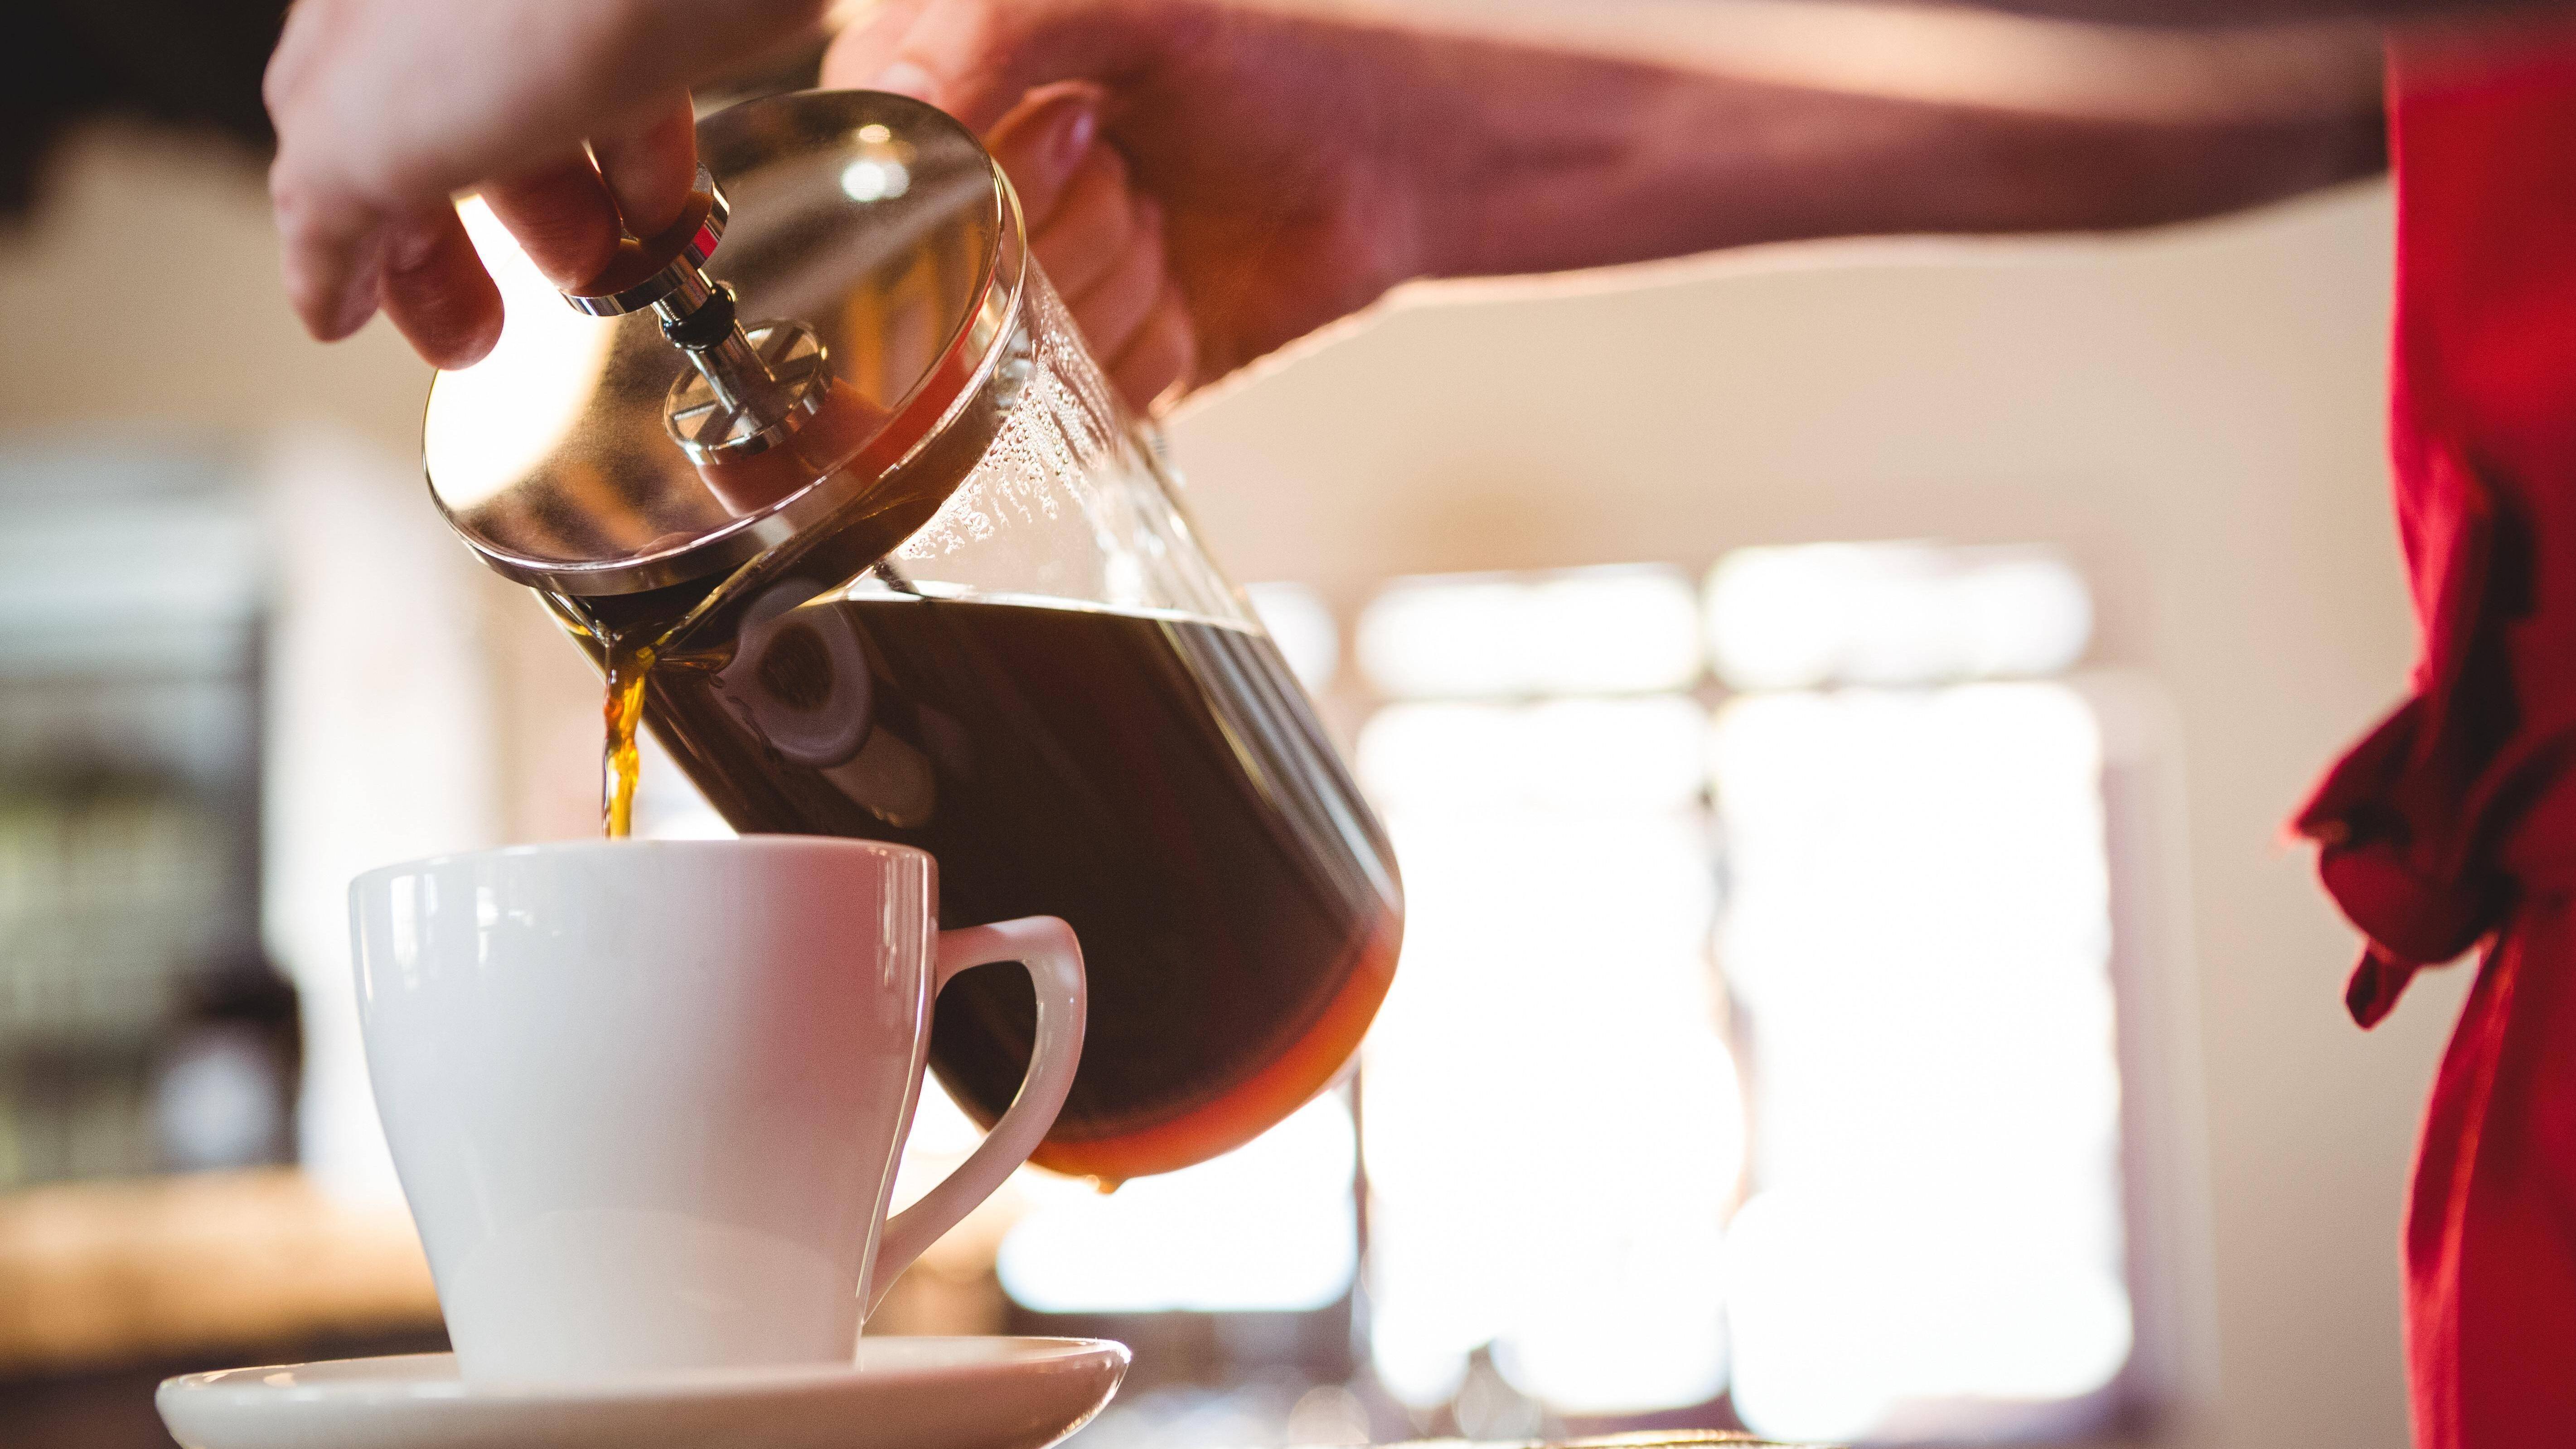 Kaffee ohne Maschine kochen.